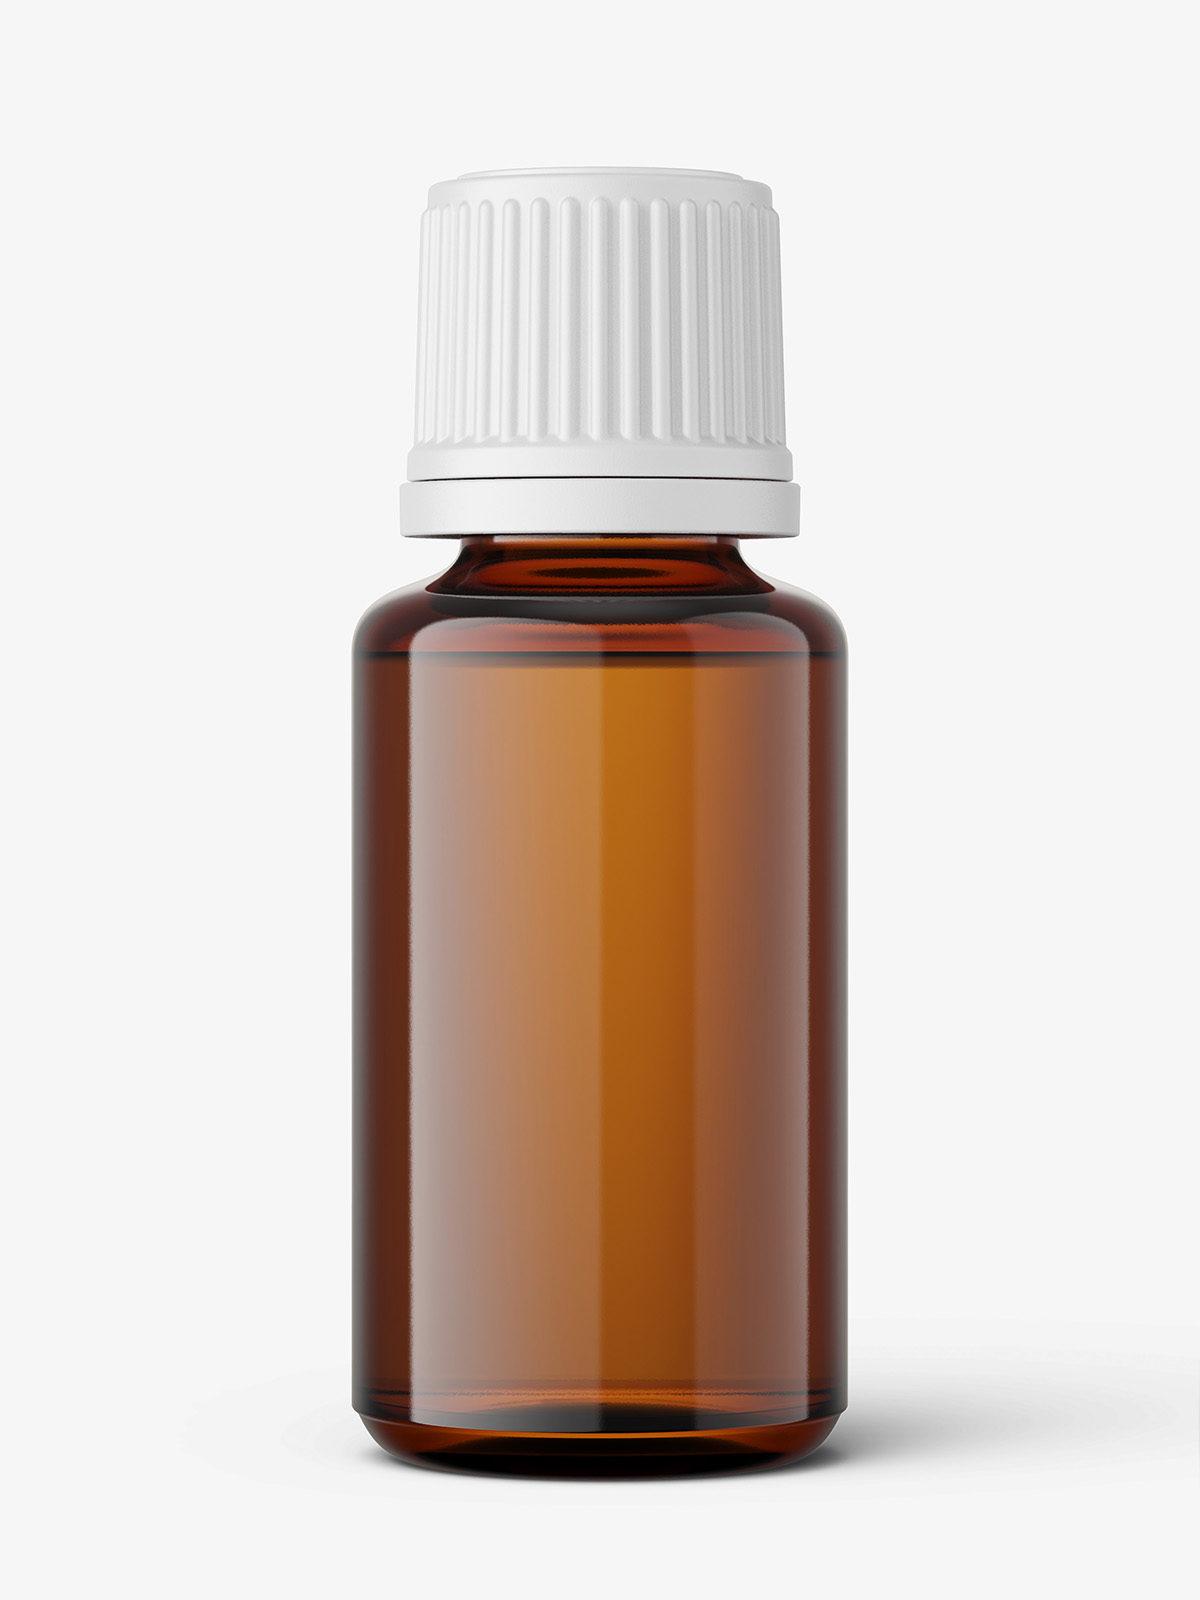 Download Amber essential oil bottle mockup / 20ml - Smarty Mockups Free Mockups